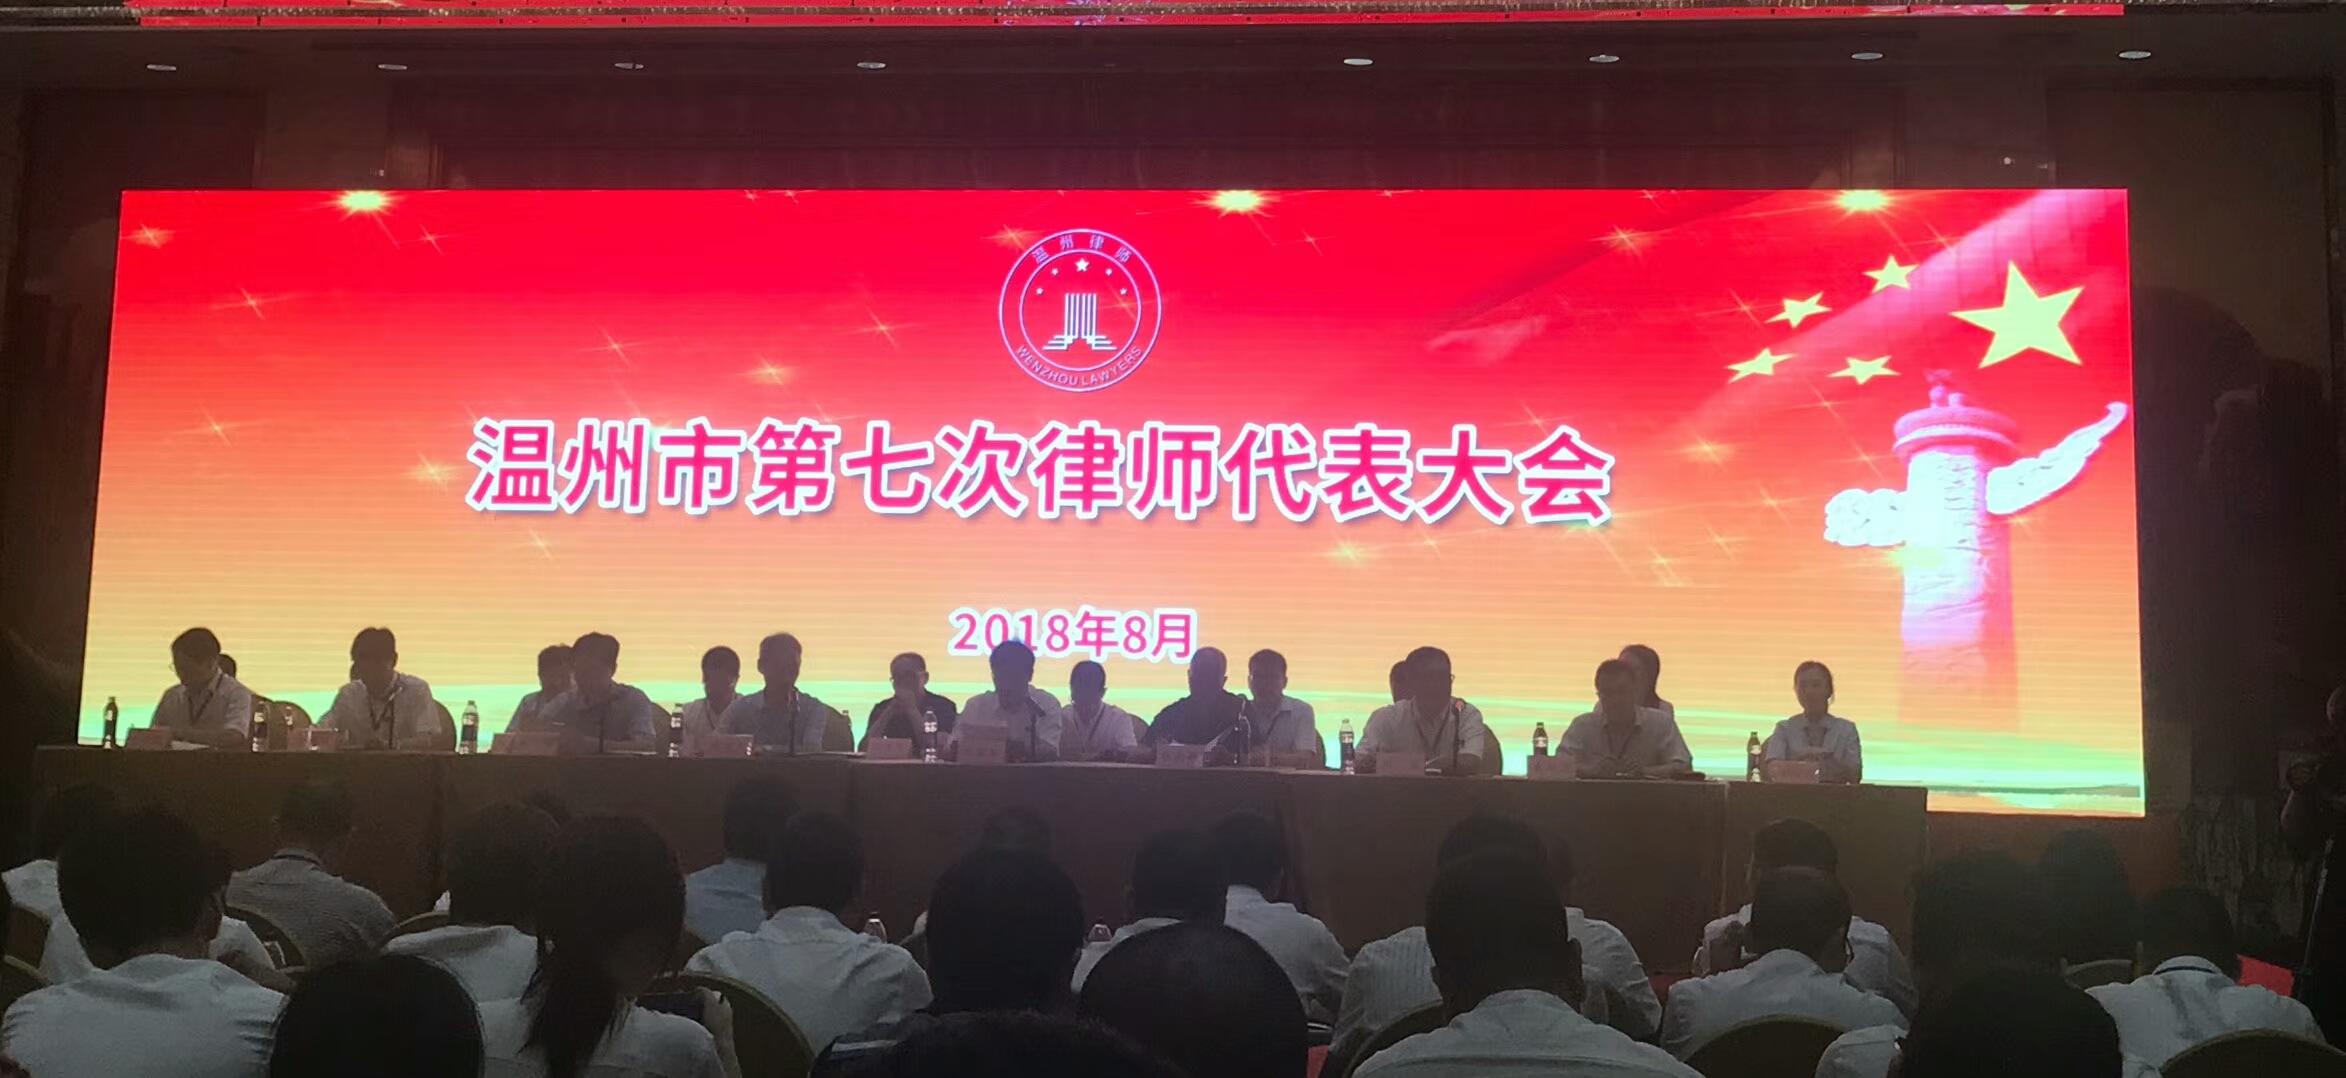 温州市第七次律师代表大会